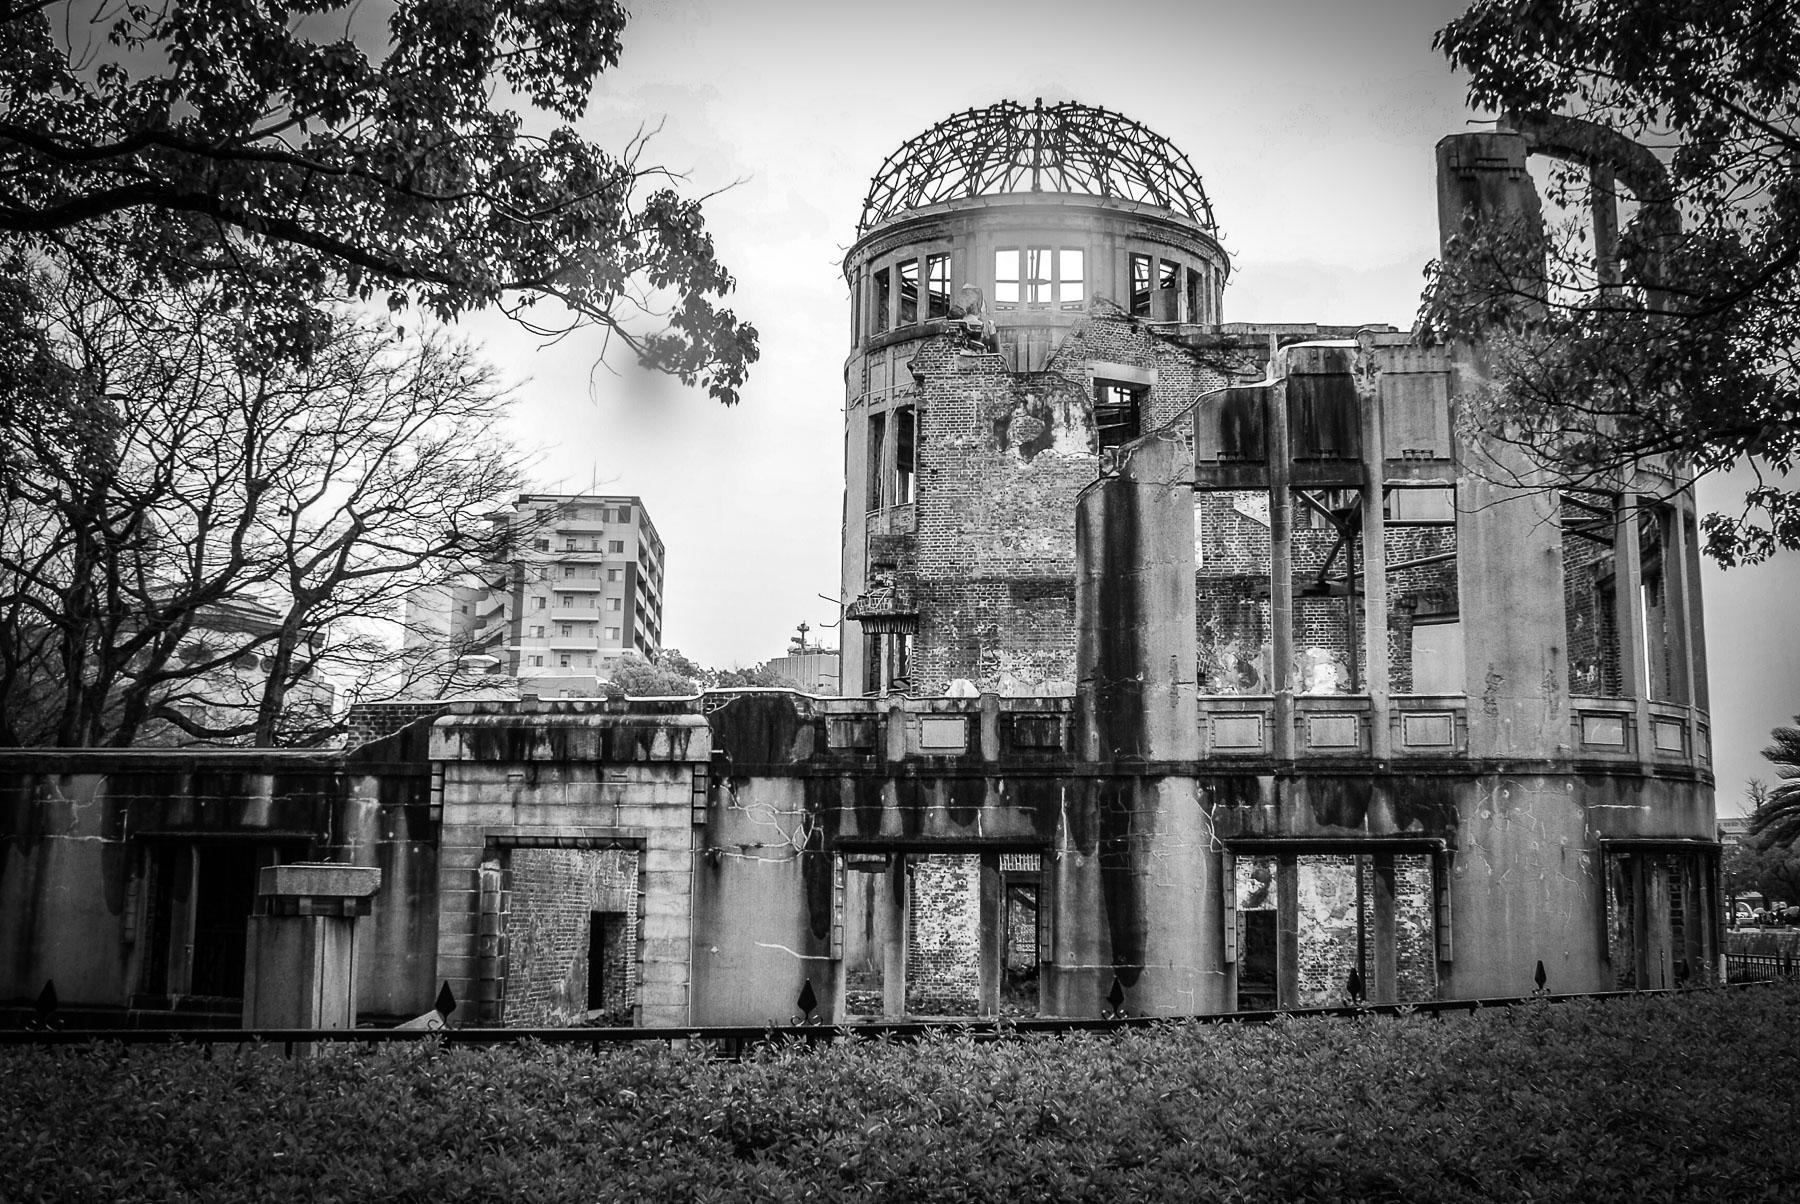 le Dome A, survivant de béton calciné de la bombe larguée juste au-dessus de son armature toujours intacte.